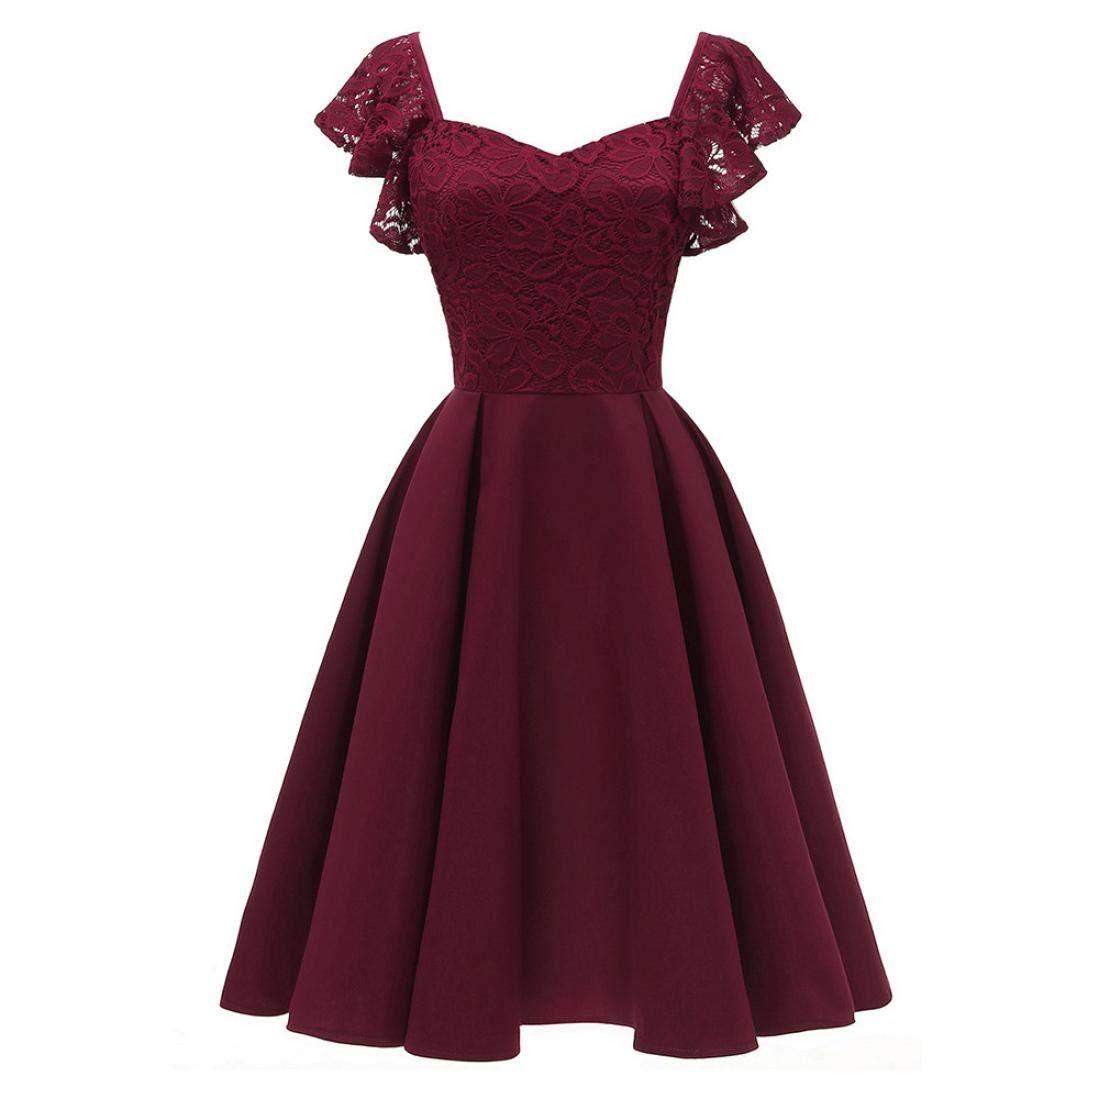 Sch ne Kleider MEIbax Abendkleider Damen Elegante Kleider